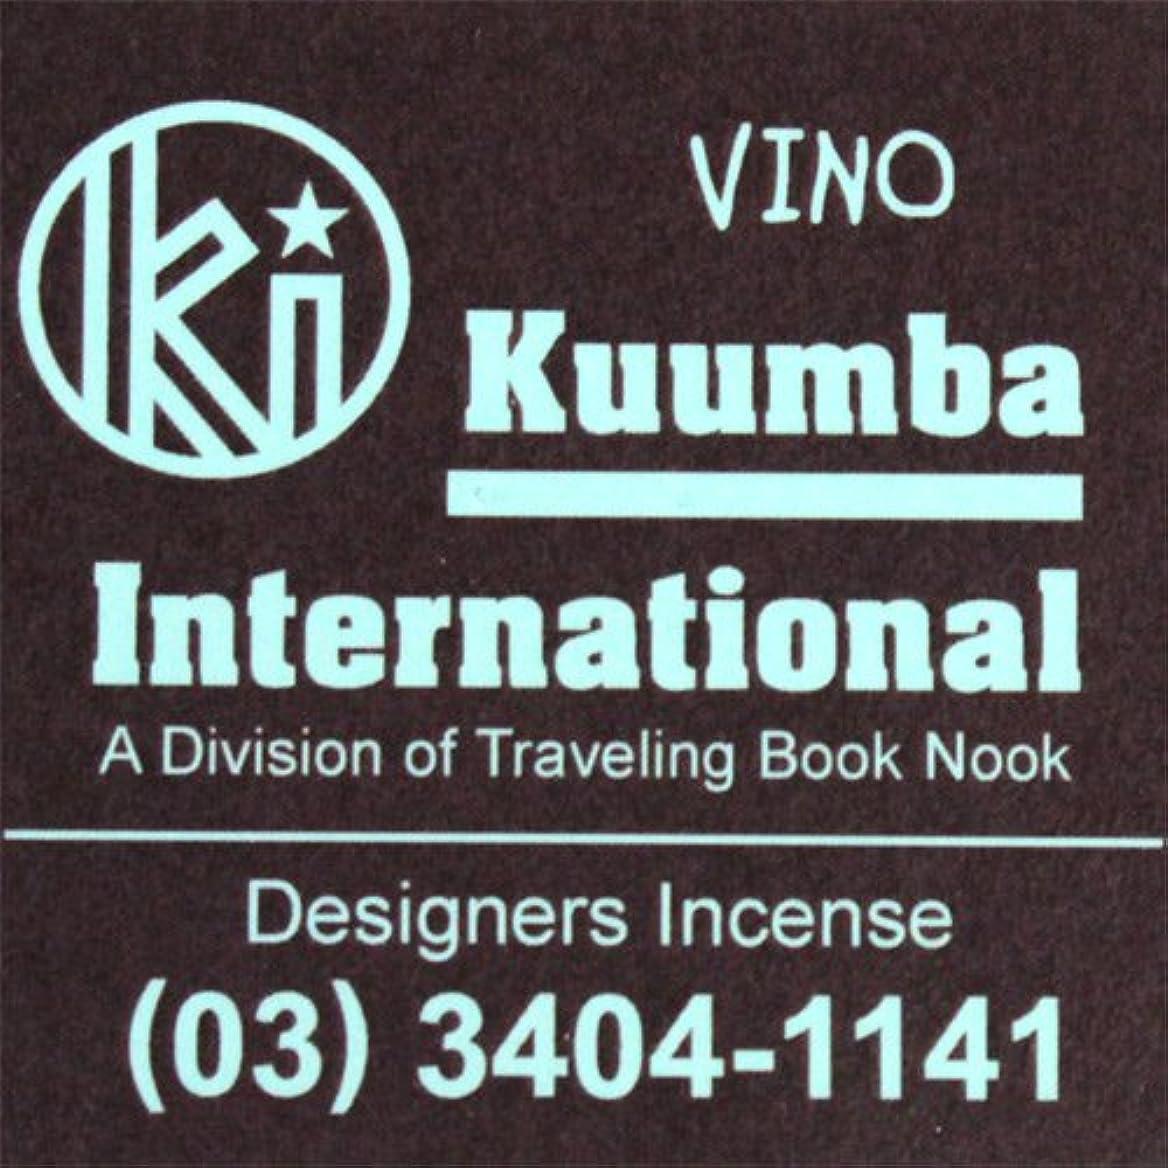 やがて限り深いKUUMBA / クンバ『incense』(Vino) (Regular size)